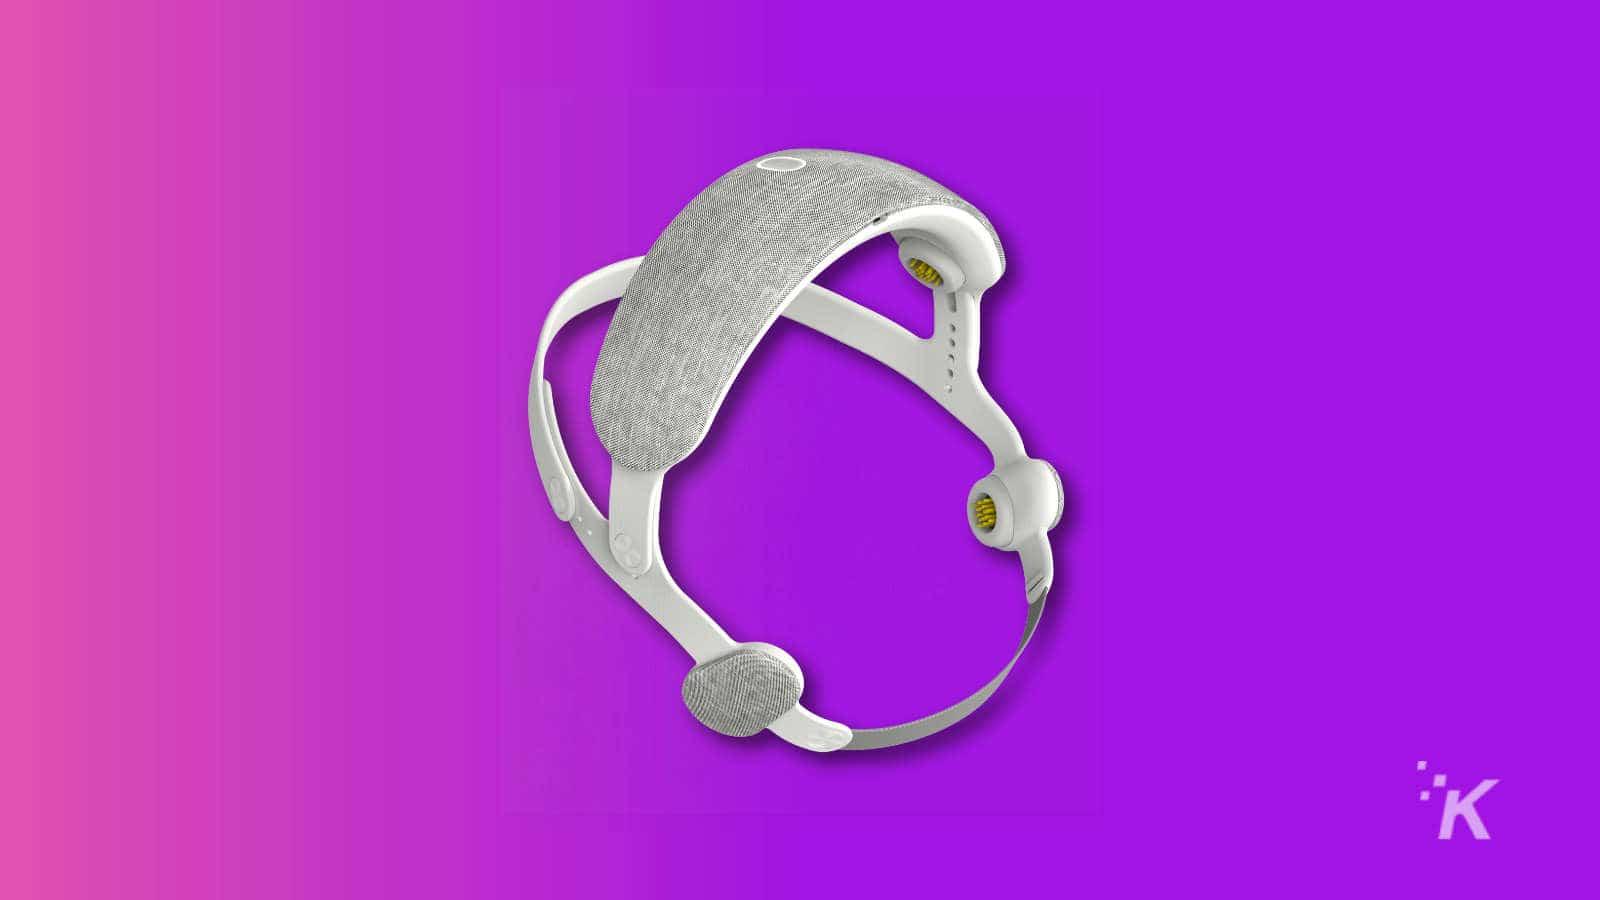 urgonight sleep training headband